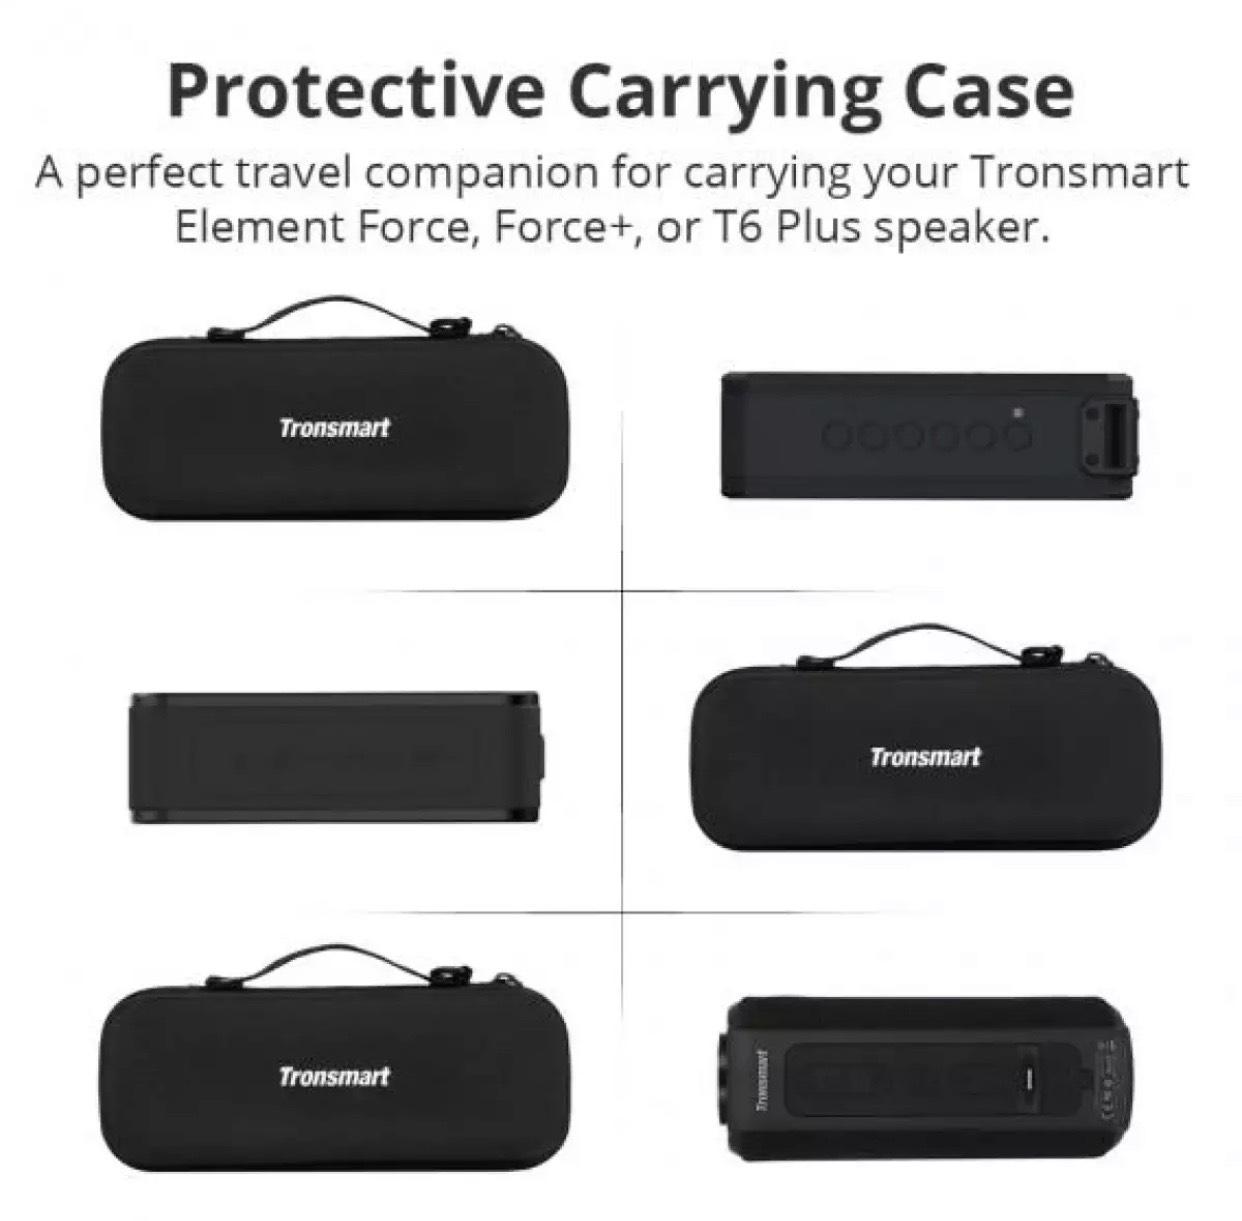 Hộp đựng (túi đựng) bảo vệ dành riêng cho loa Tronsmart Element - Hàng Chính Hãng